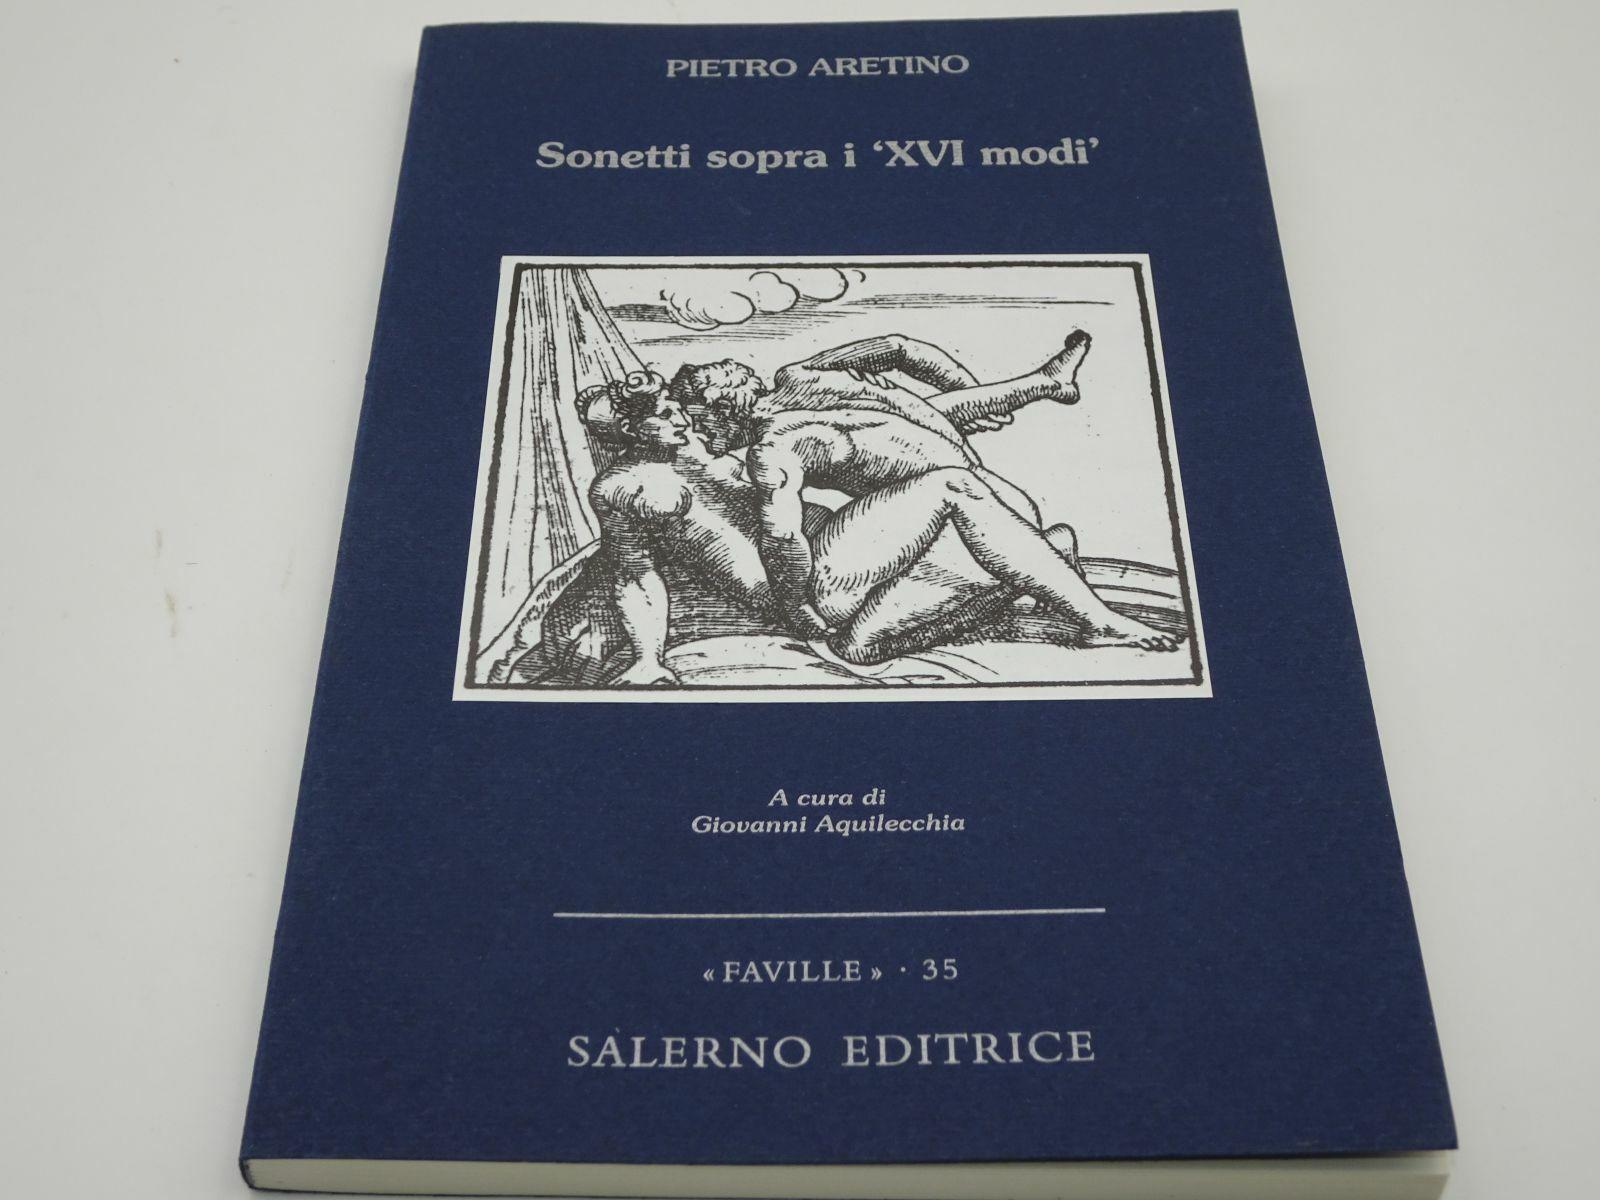 PIETRO ARETINO Sonetti sopra i «XVI modi» 9788884025166 SALERNO cura AQUILECCHIA